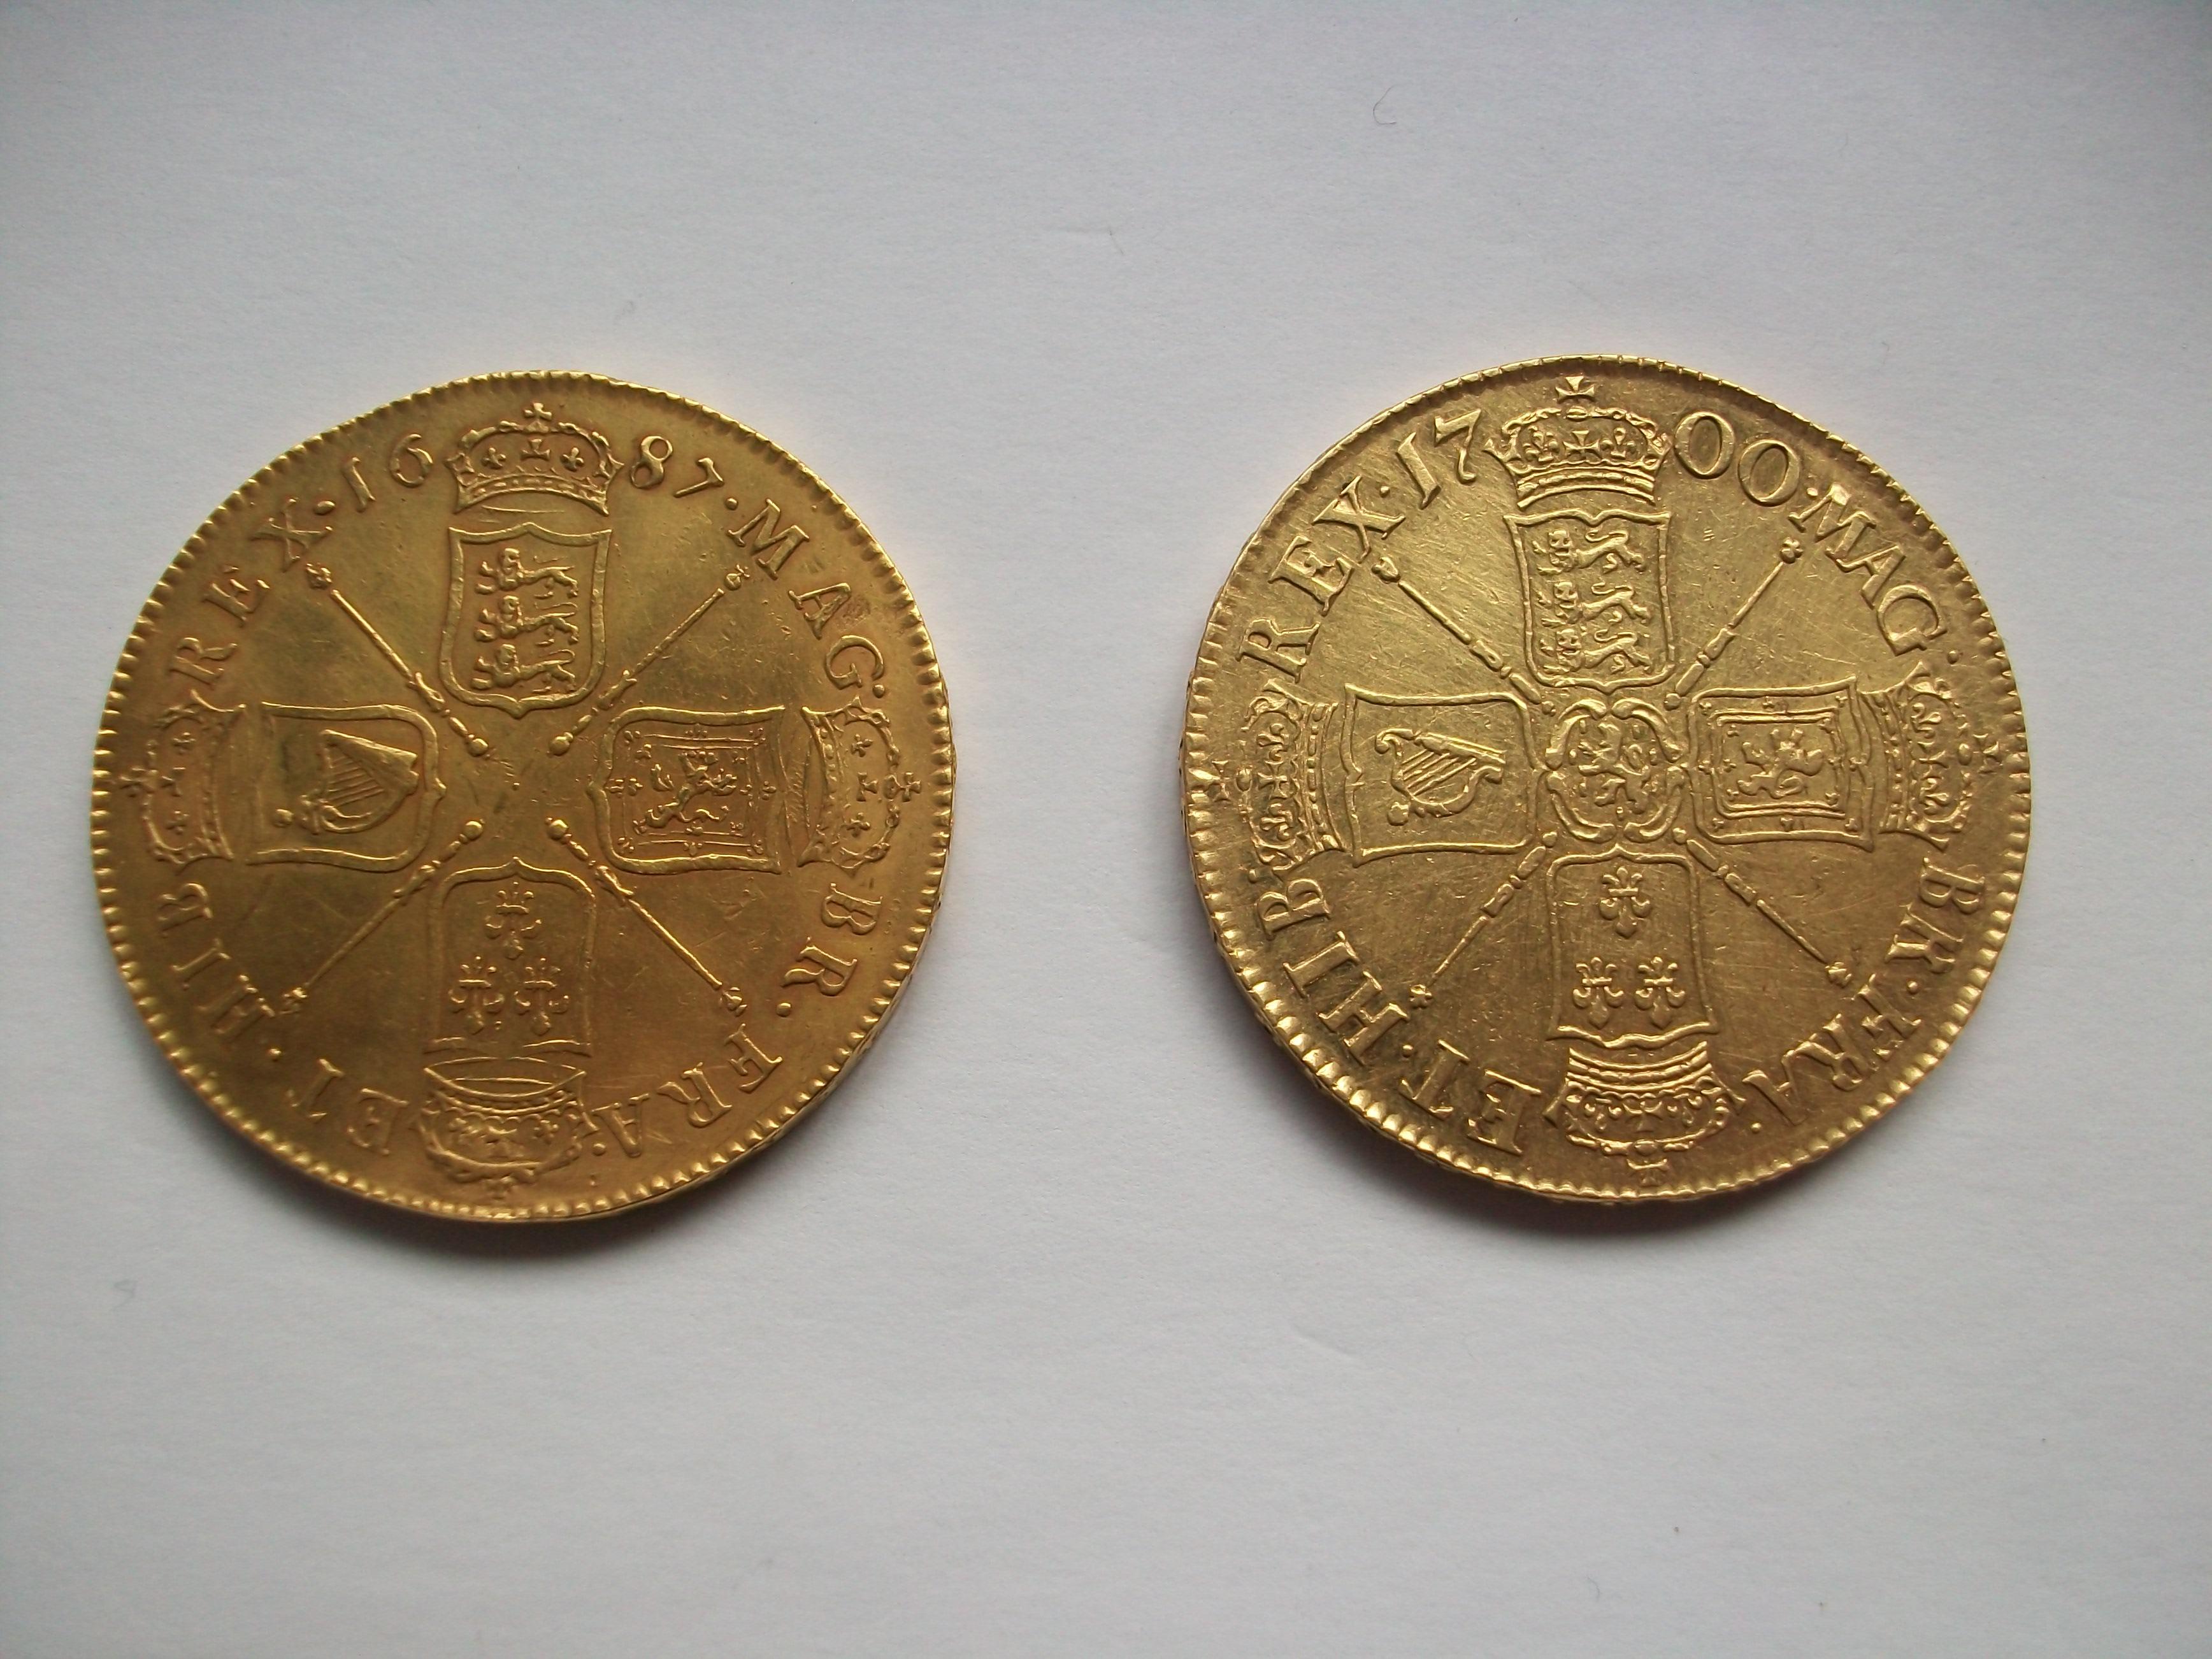 r coins